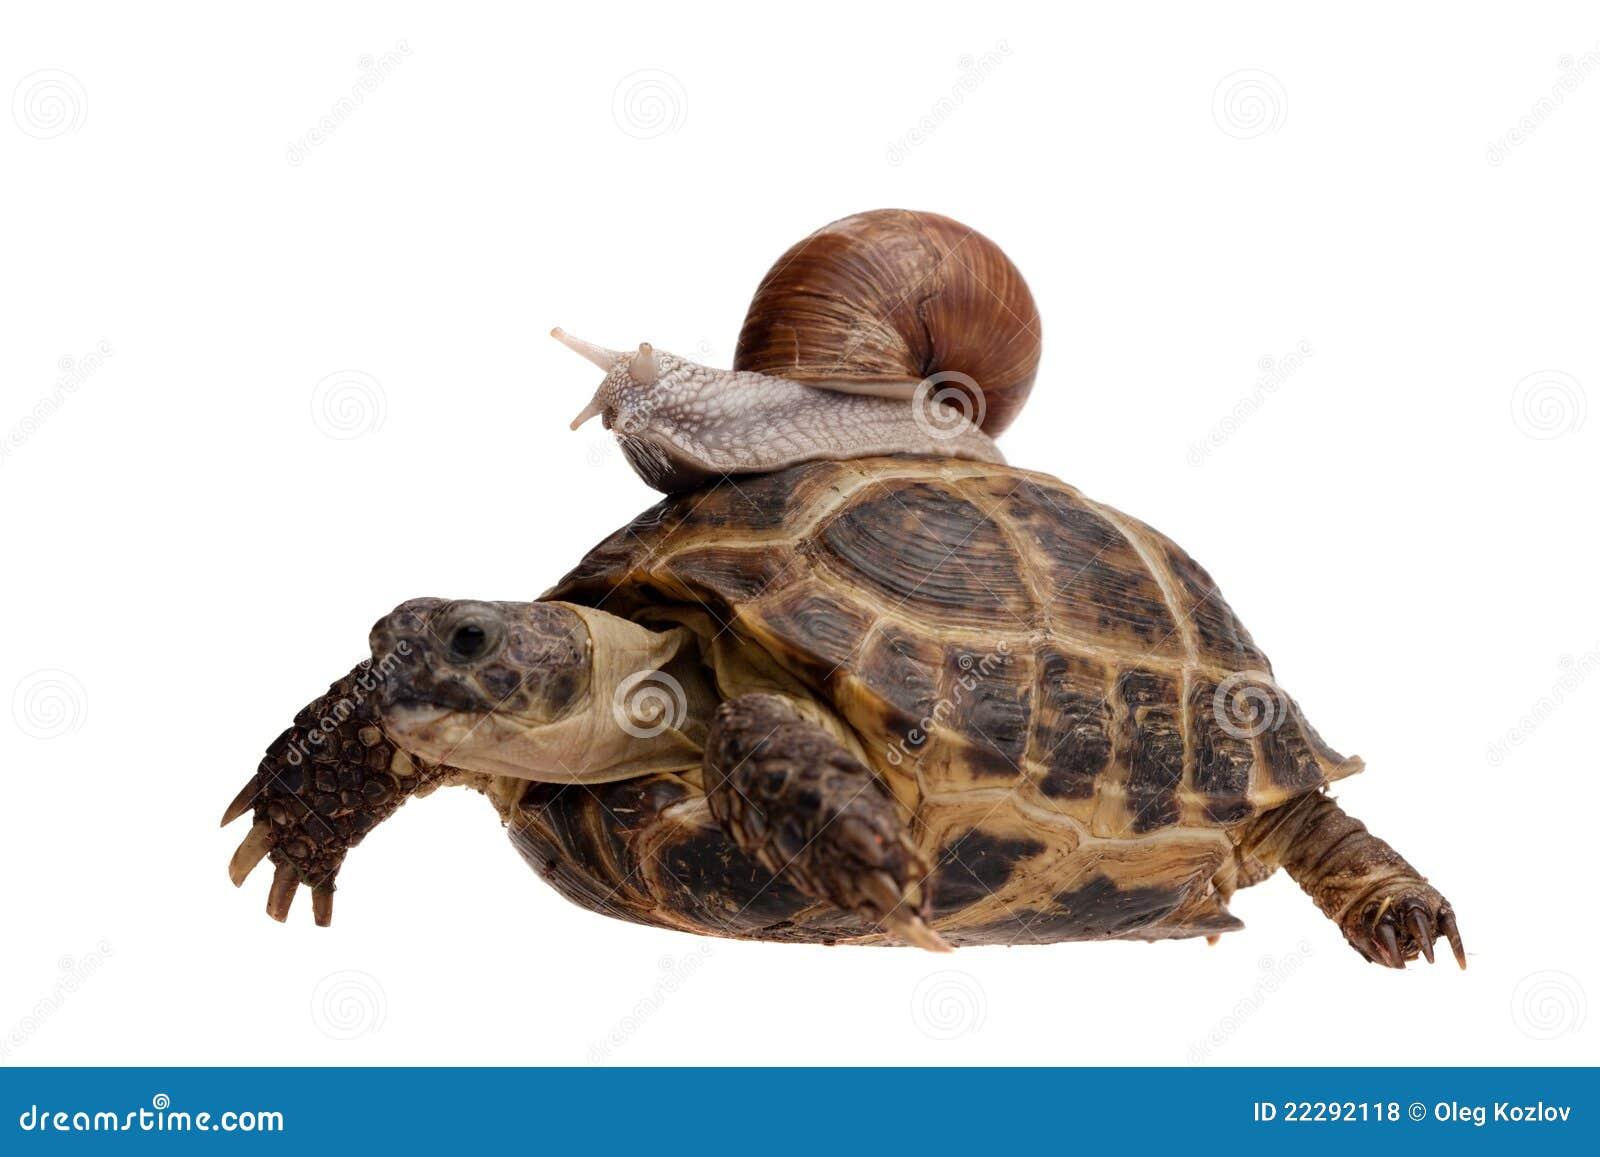 一只乌龟和蜗牛赛跑 它们方向至 乌龟一直领先蜗牛先跑到终点 为什蜗